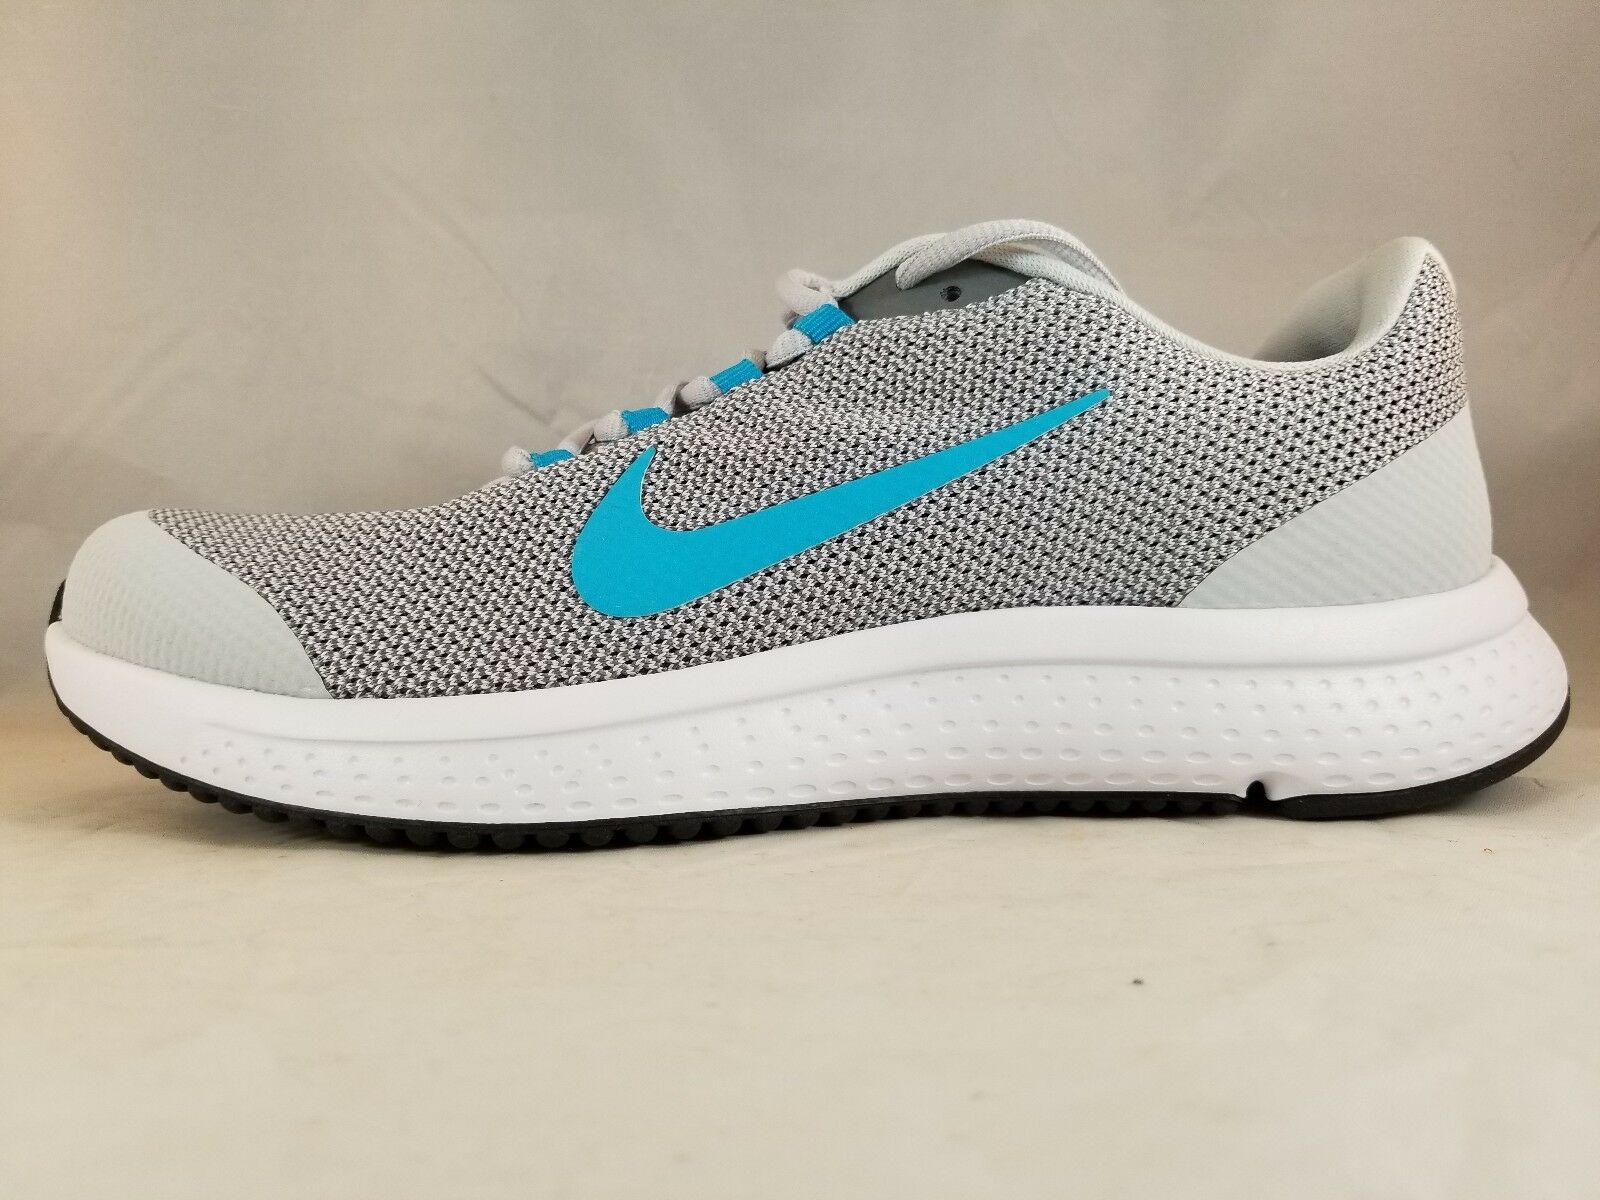 Nike runallday männer laufschuh 898464 004 004 898464 größe 9,5 1e1f08